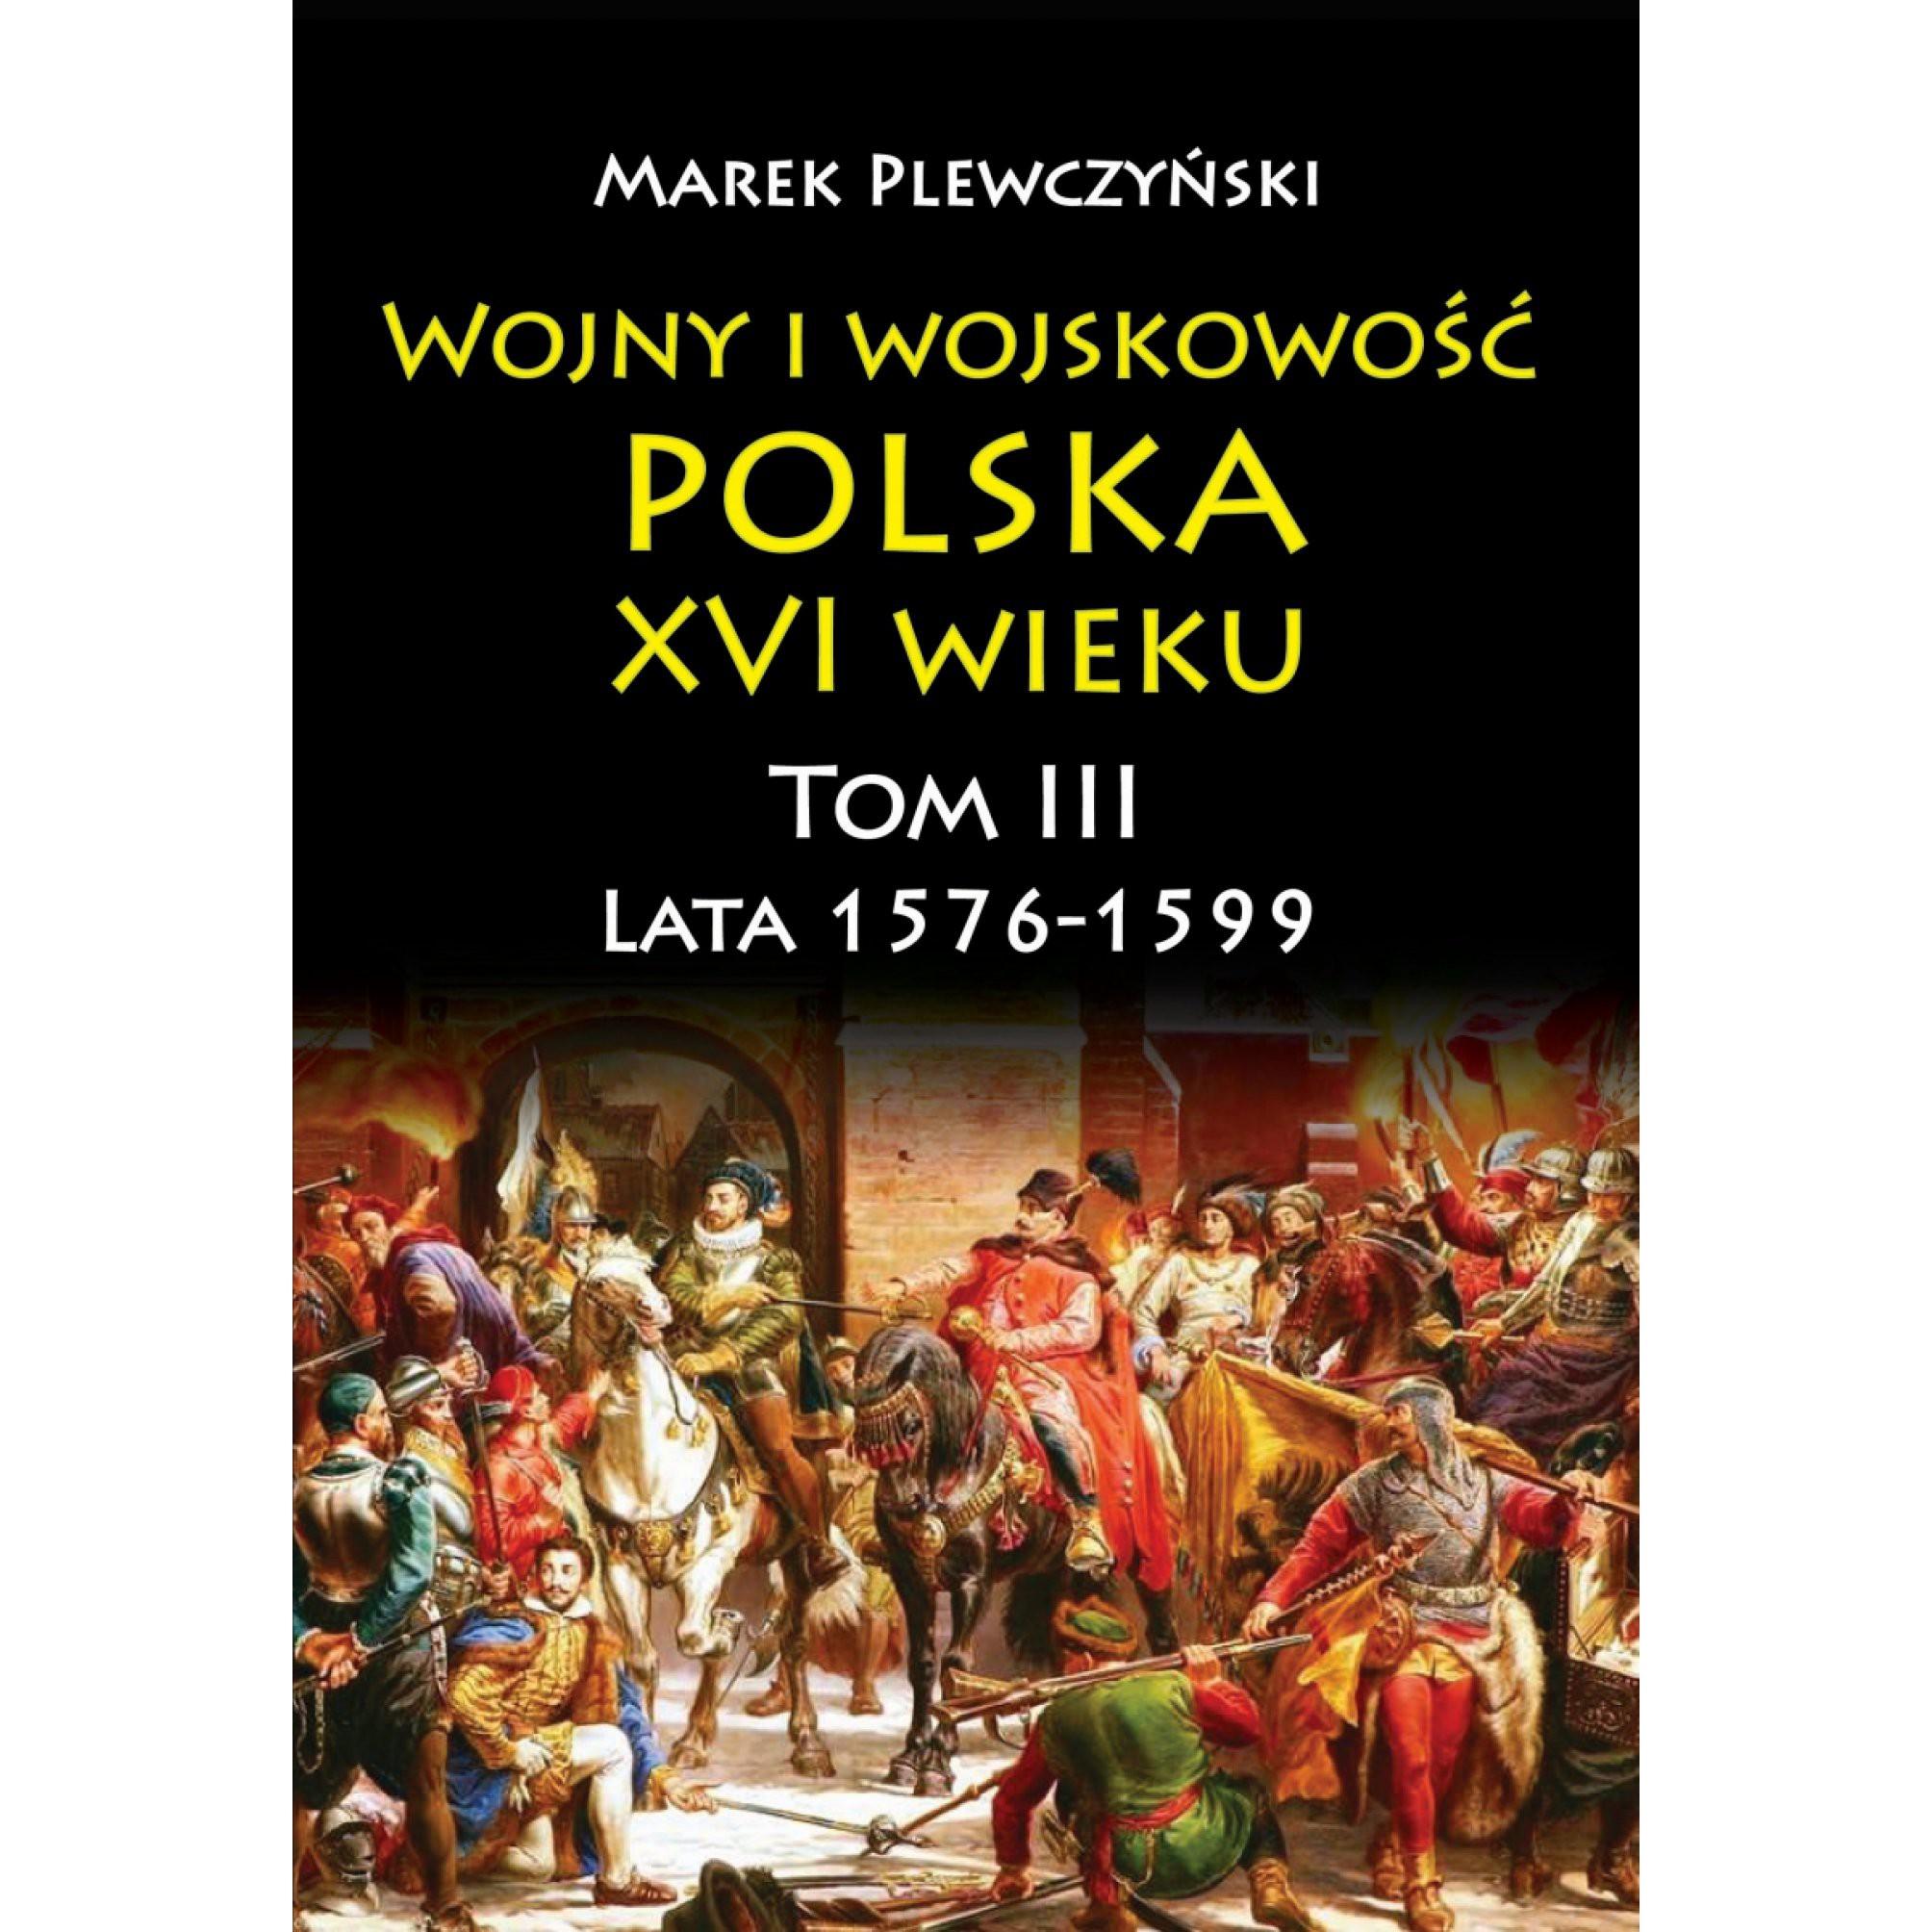 Wojny i wojskowość Polska XVI wieku tom III lata 1576-1599